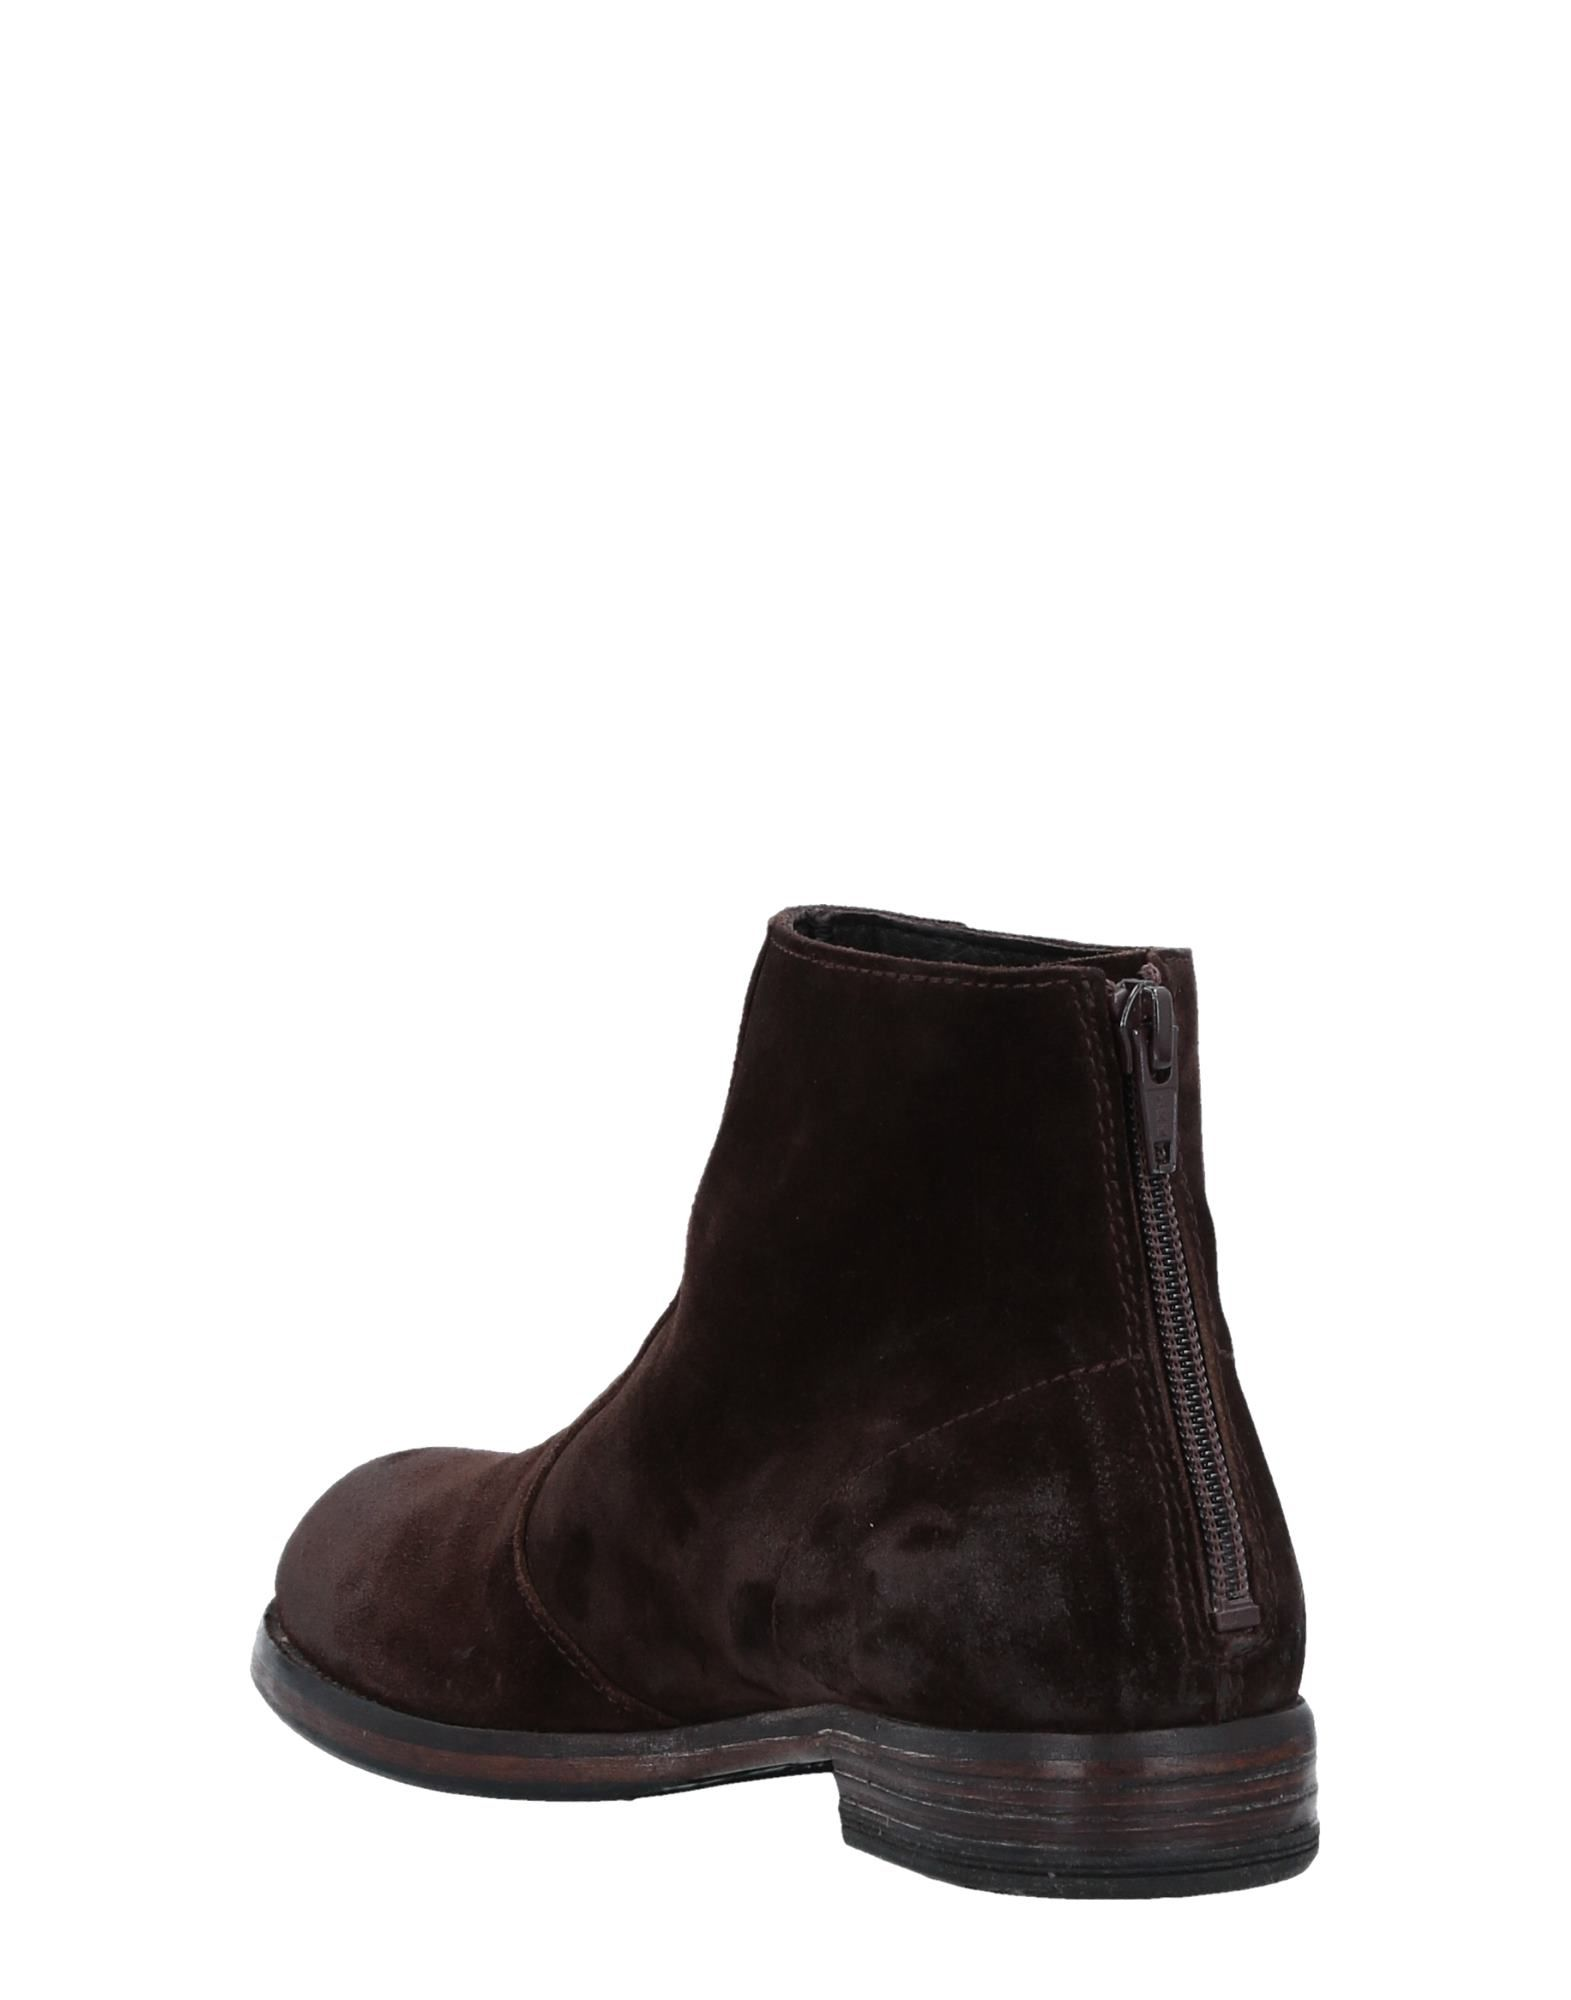 Moma Stiefelette Damen  11516629ECGut aussehende strapazierfähige Schuhe